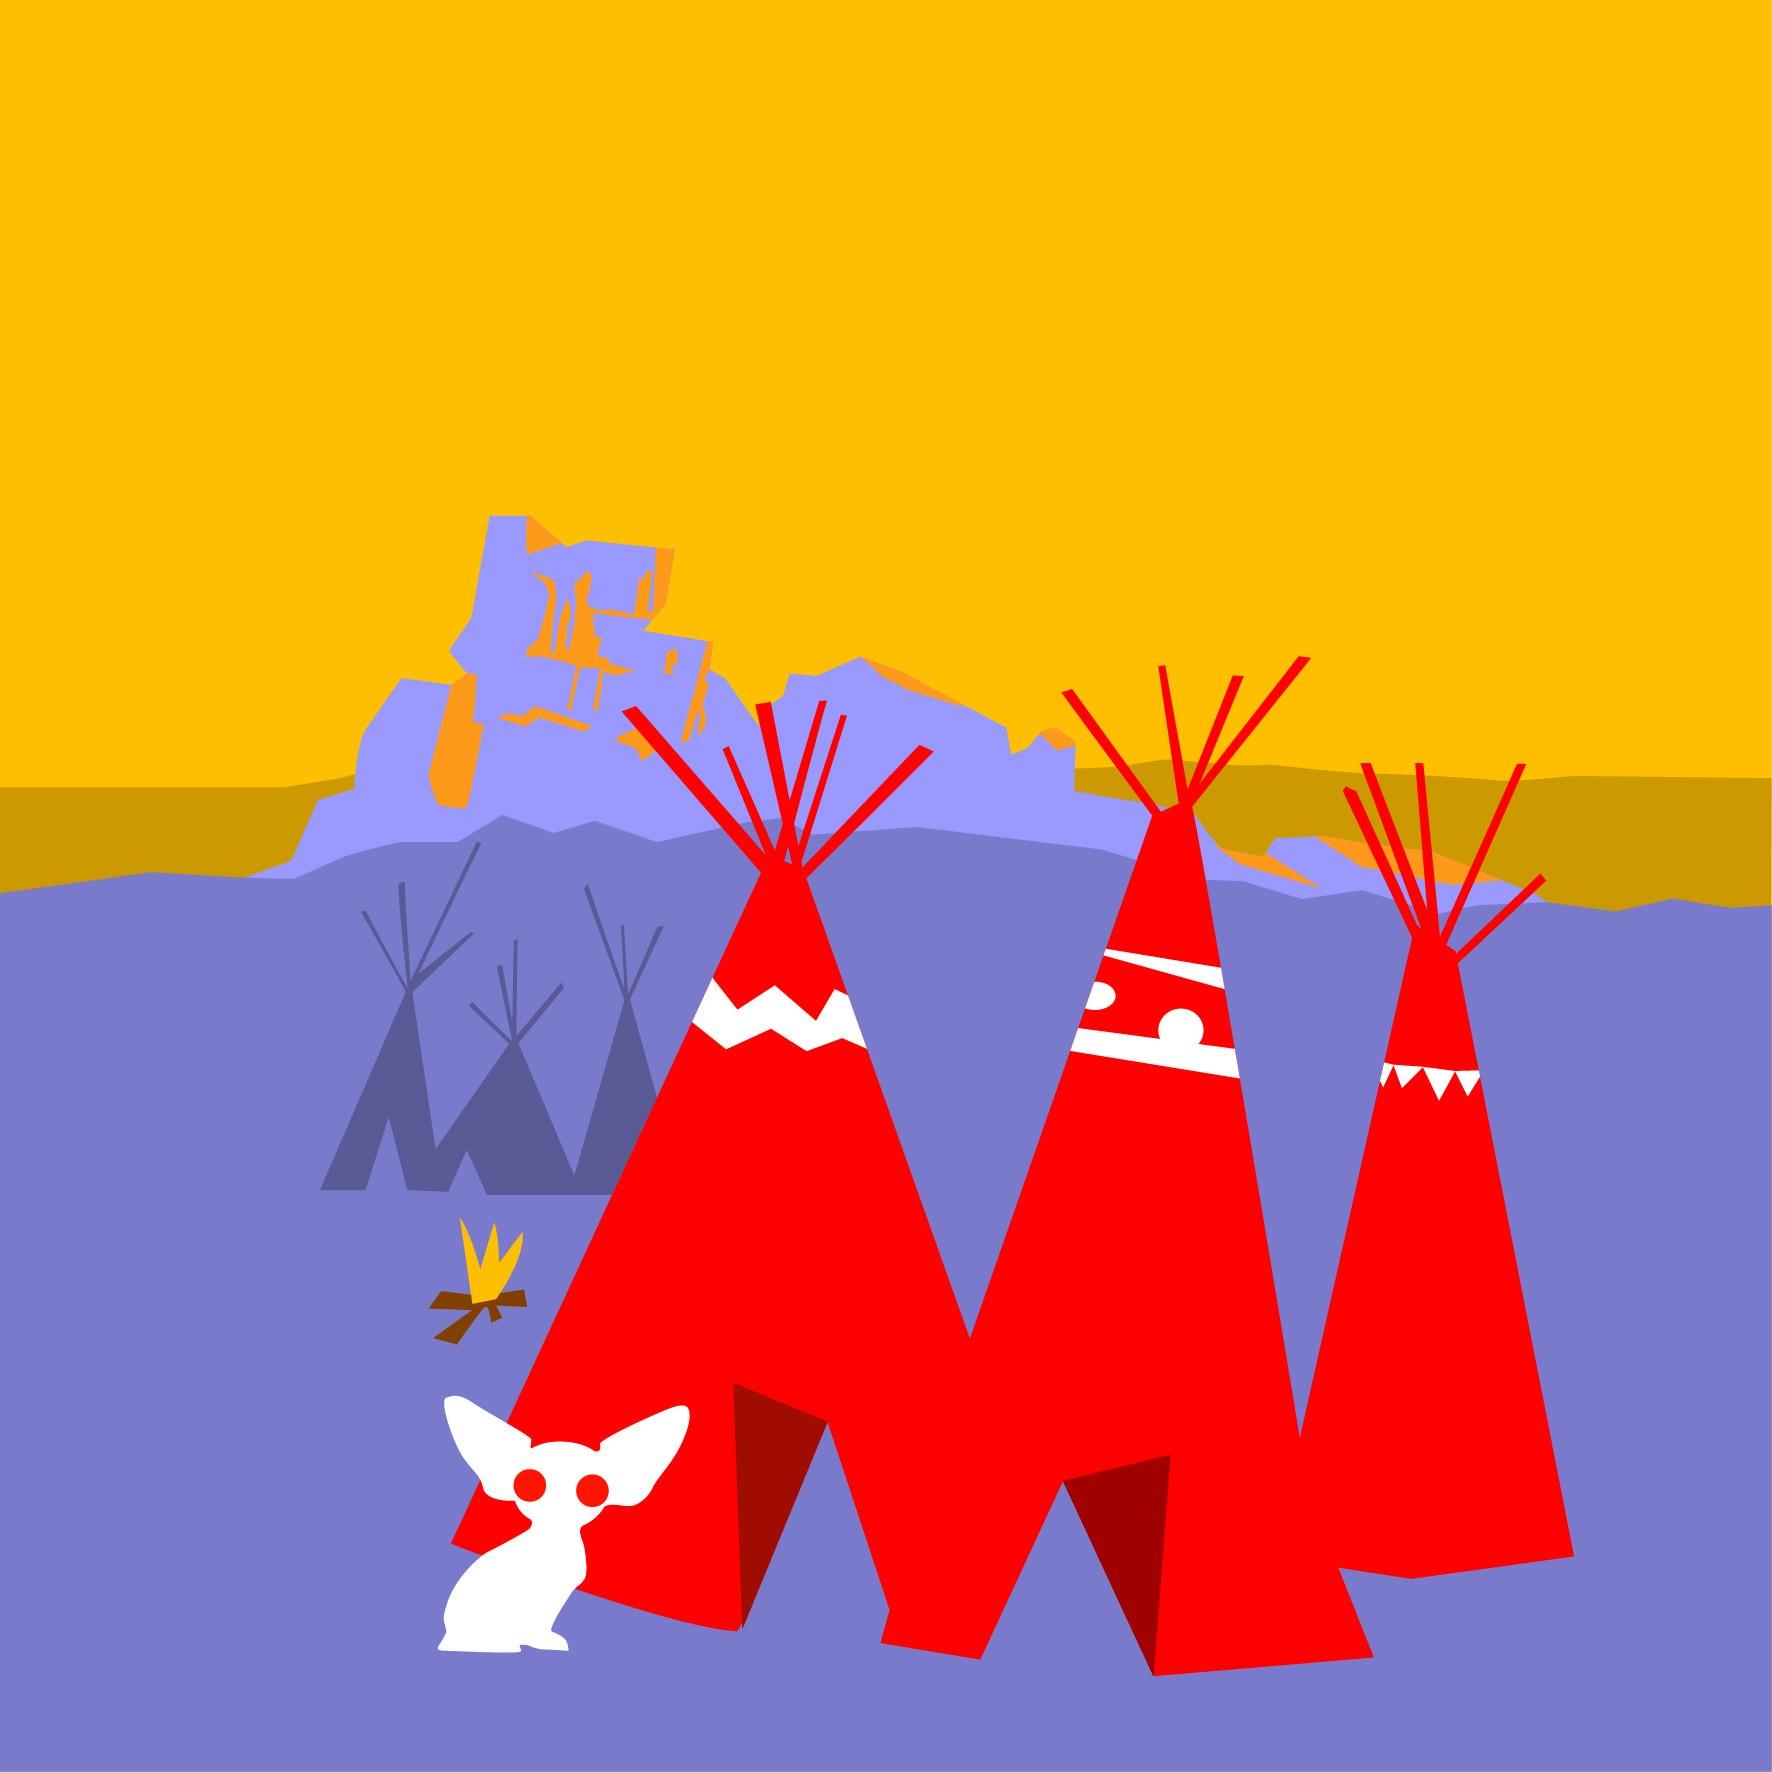 Les grottes de la squaw